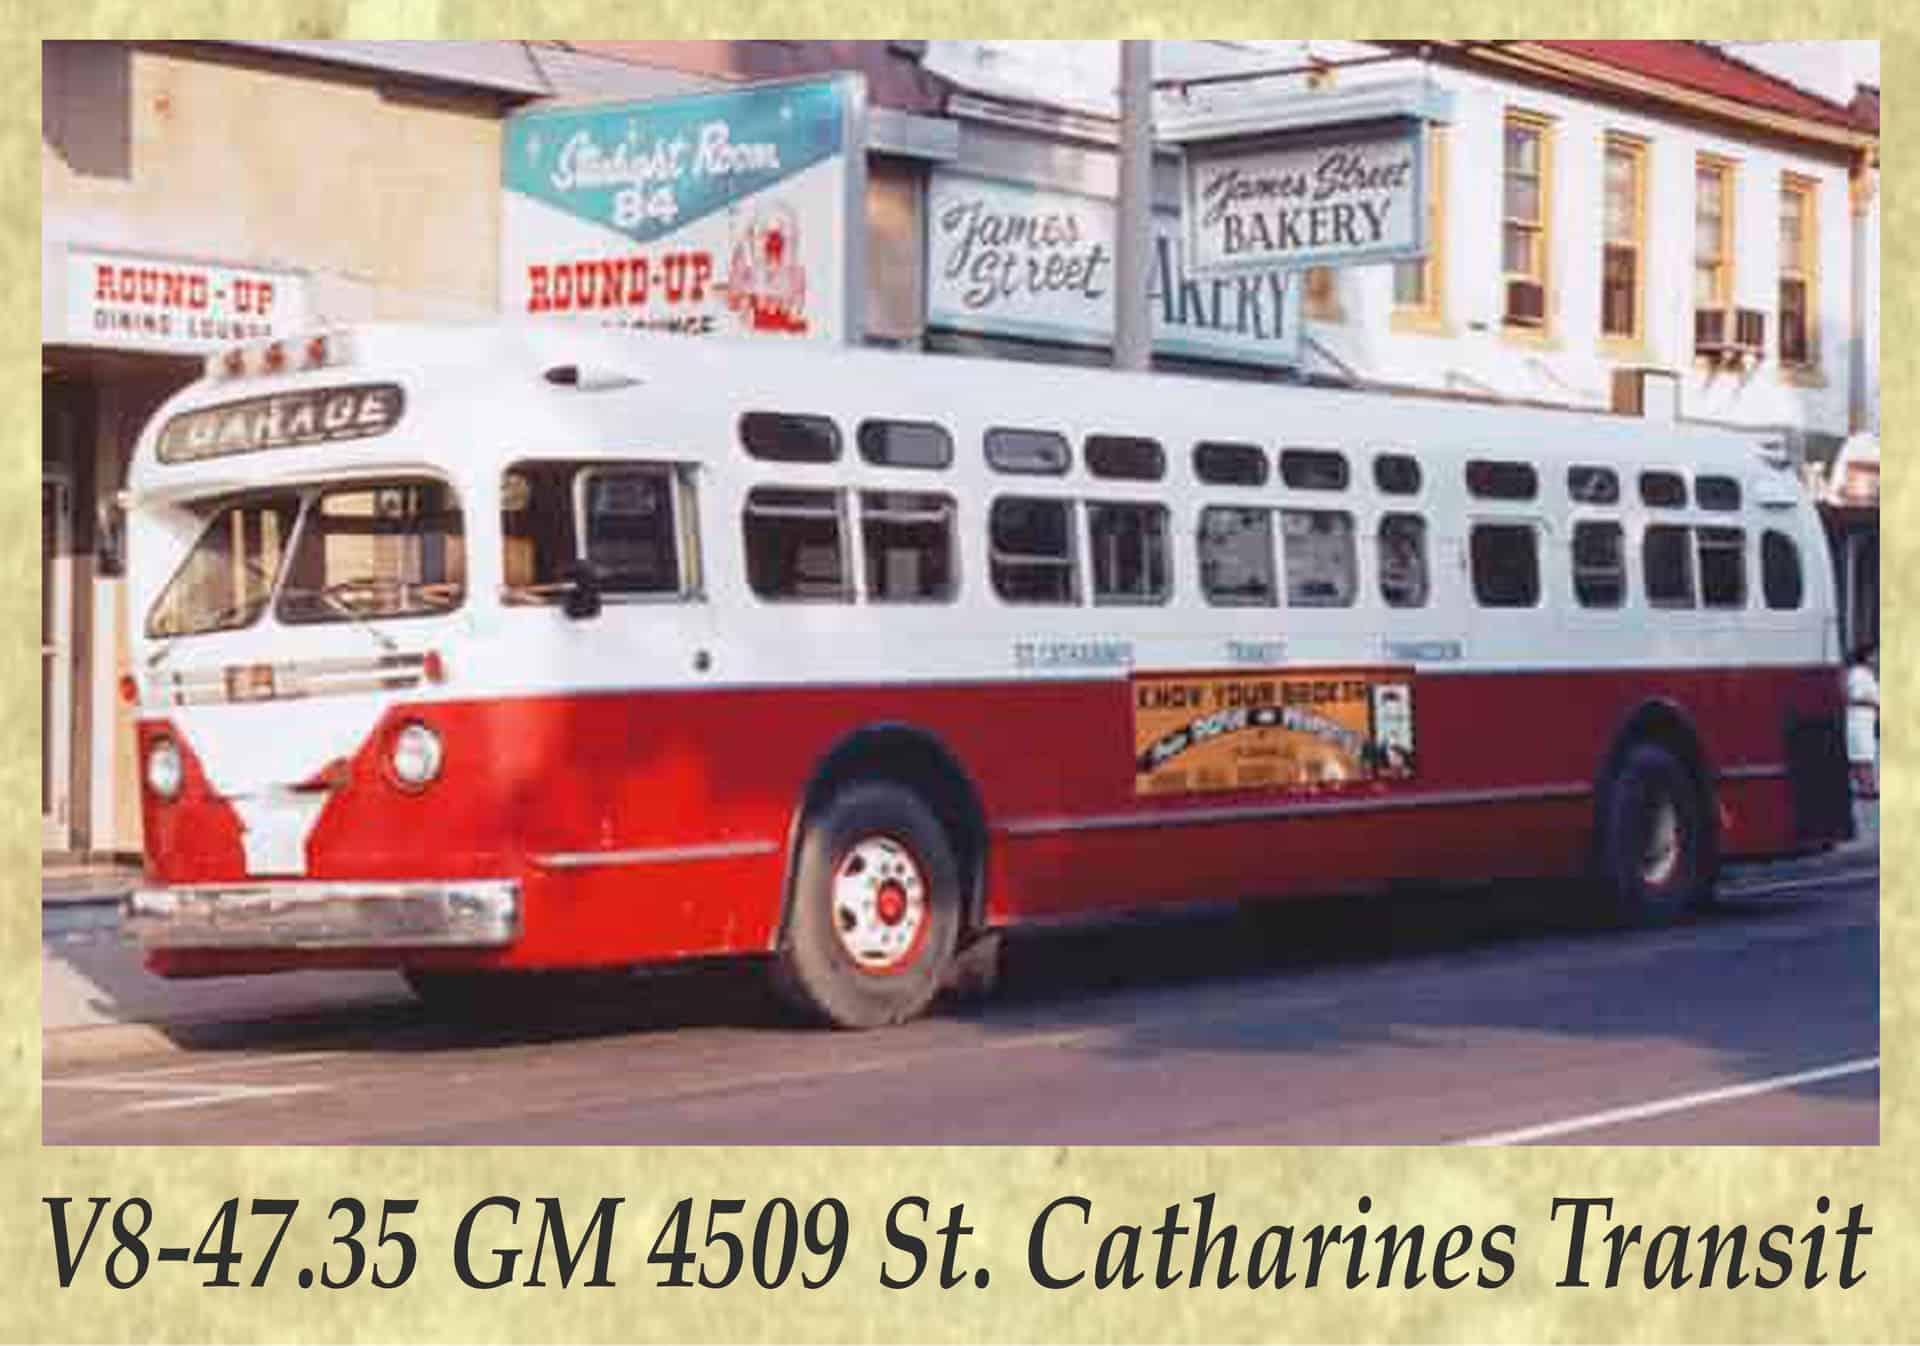 V8-47.35 GM 4509 St. Catharines Transit